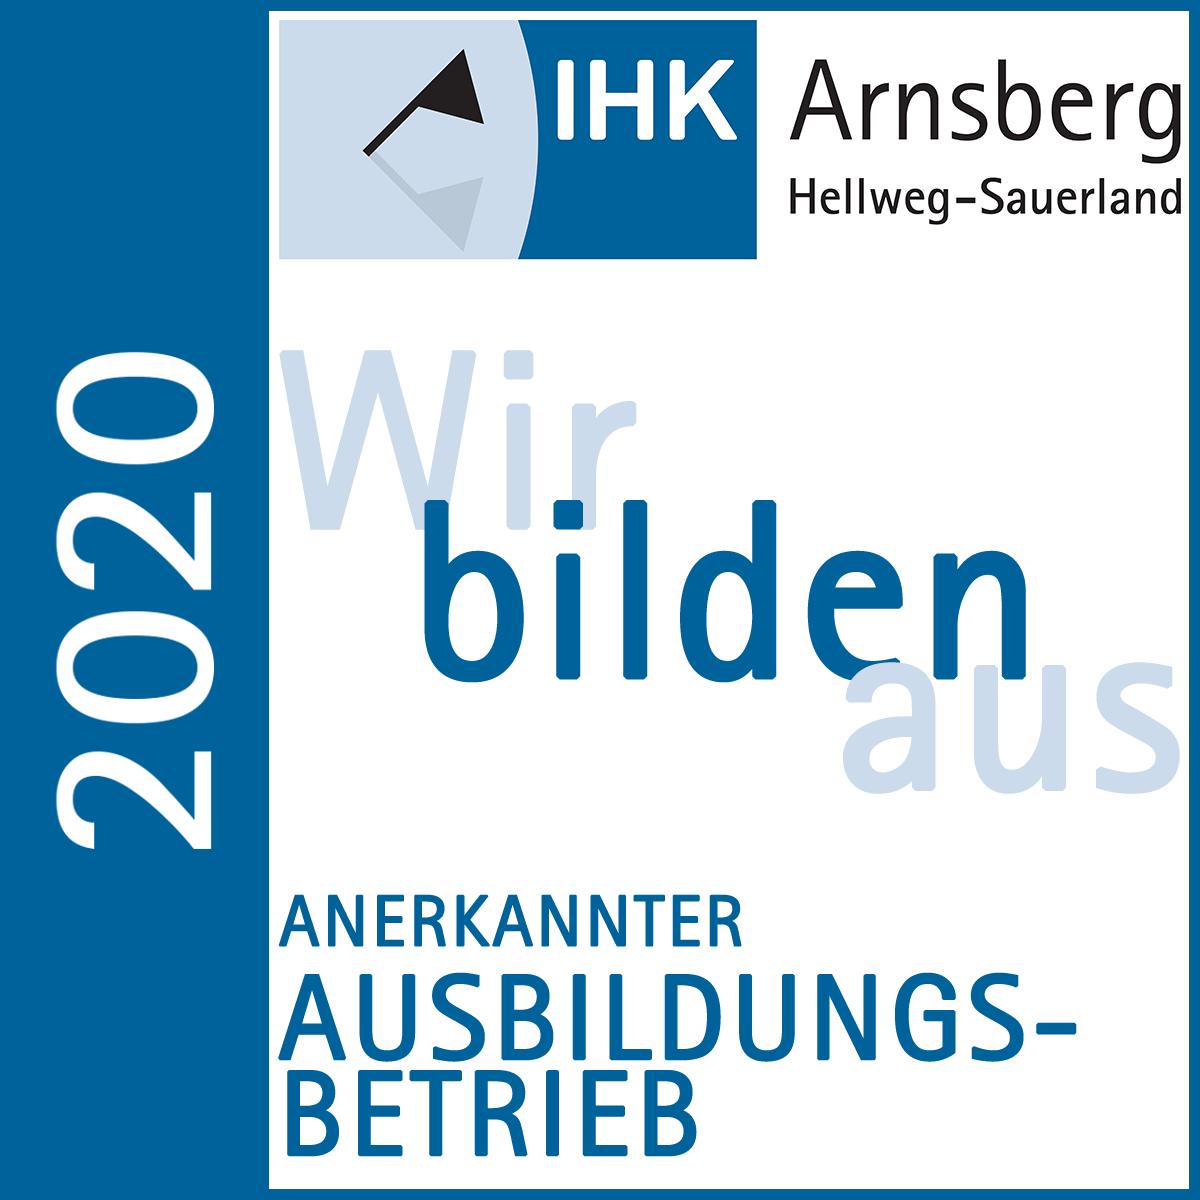 Anerkannter_Ausbildungsbetrieb_1200_2020_29162